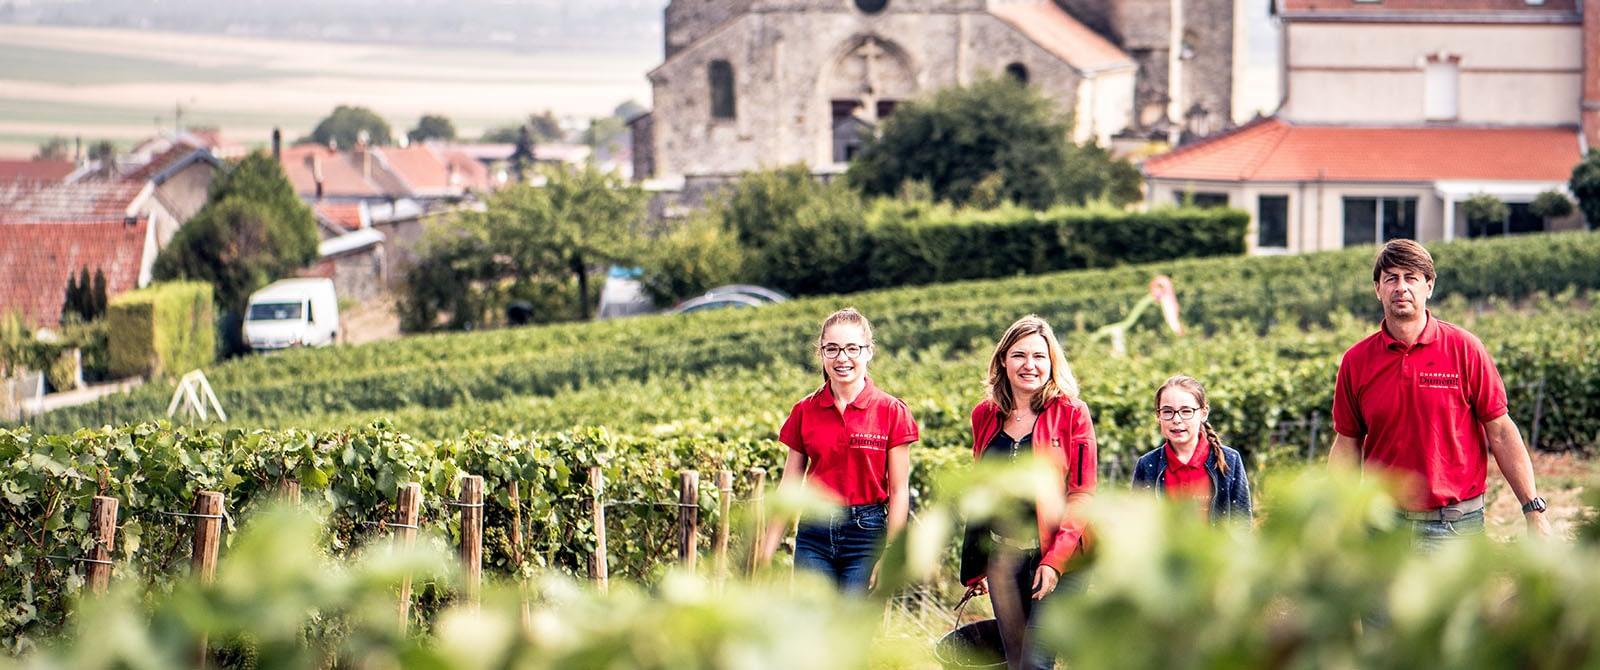 Le vignoble de Chigny-Les-Roses